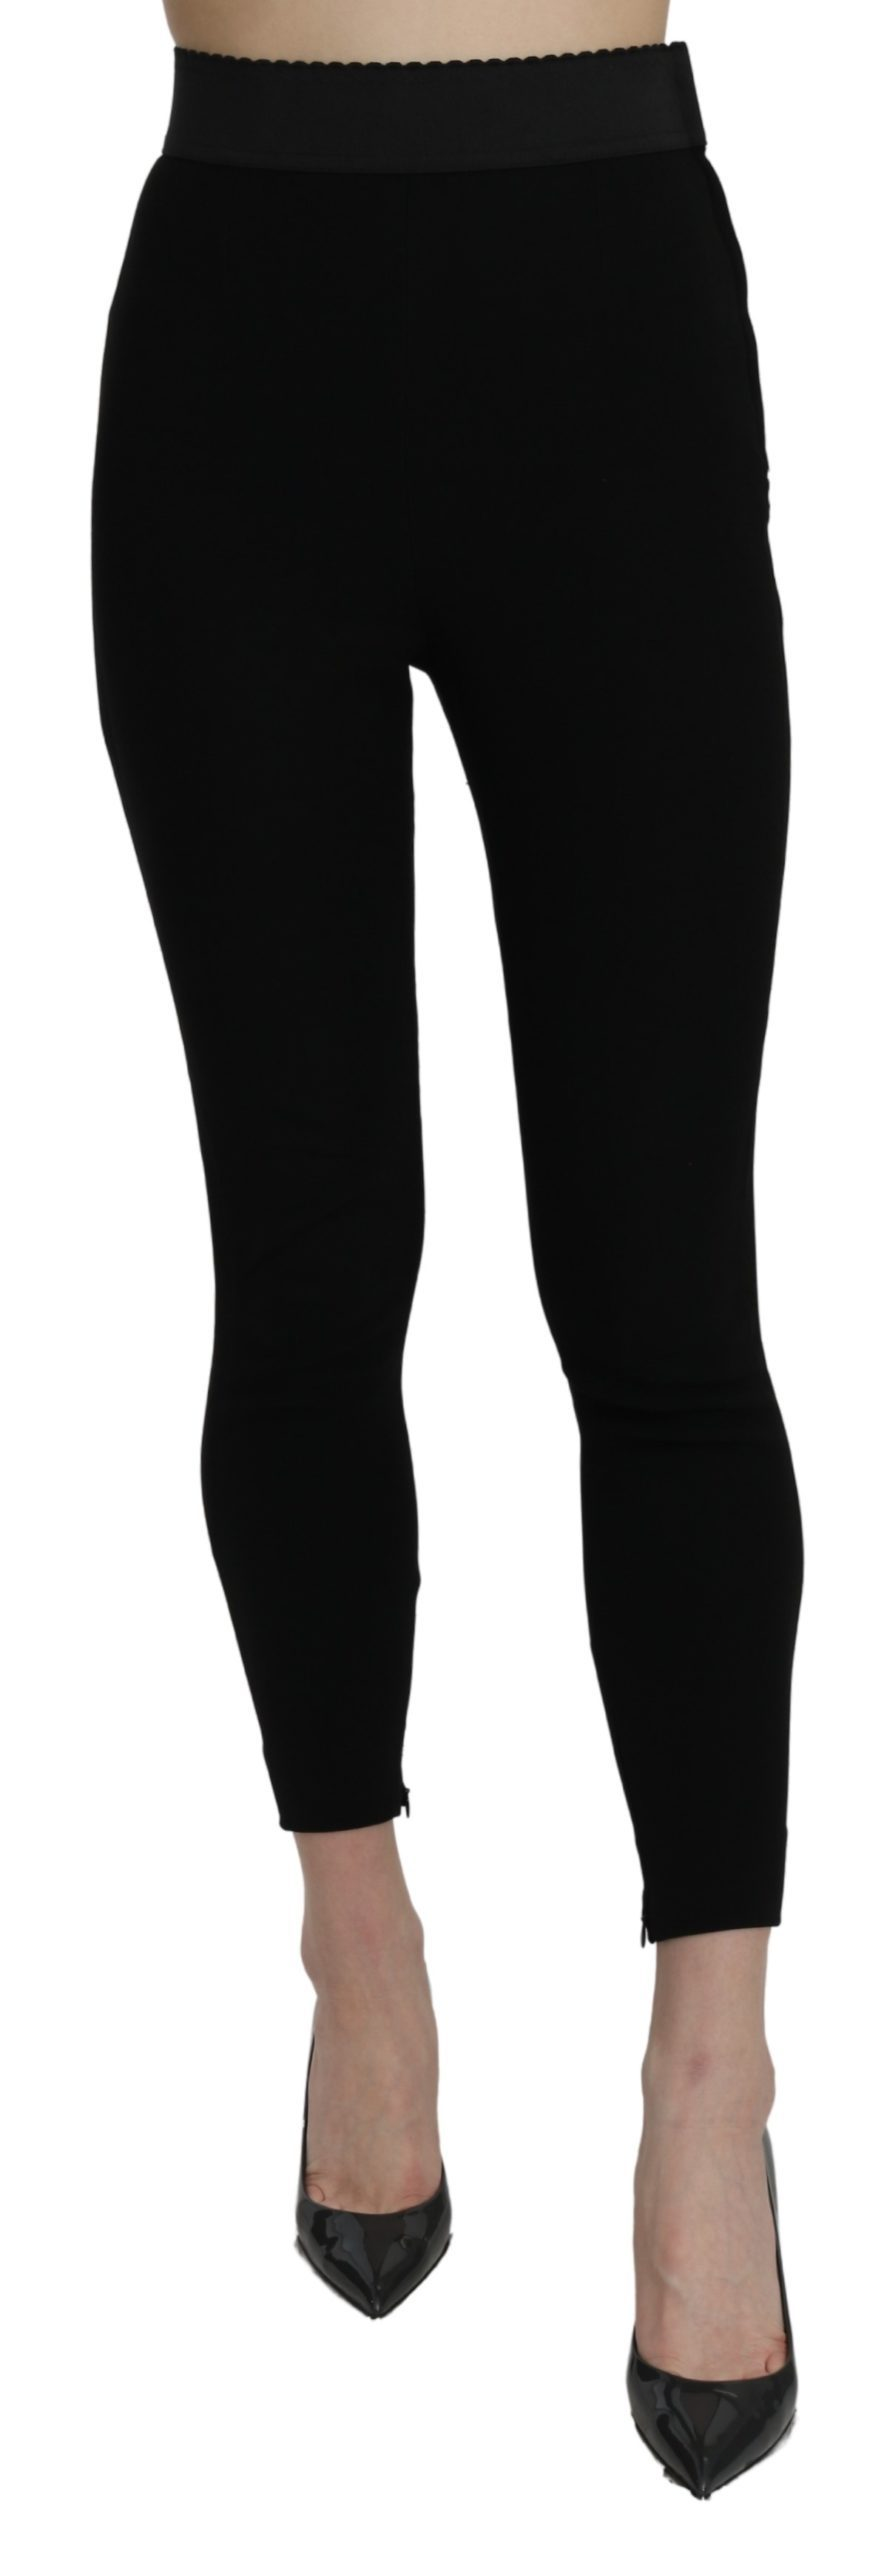 Dolce & Gabbana Women's High Waist Cotton Stretch Leggings Black PAN71081 - IT38|XS